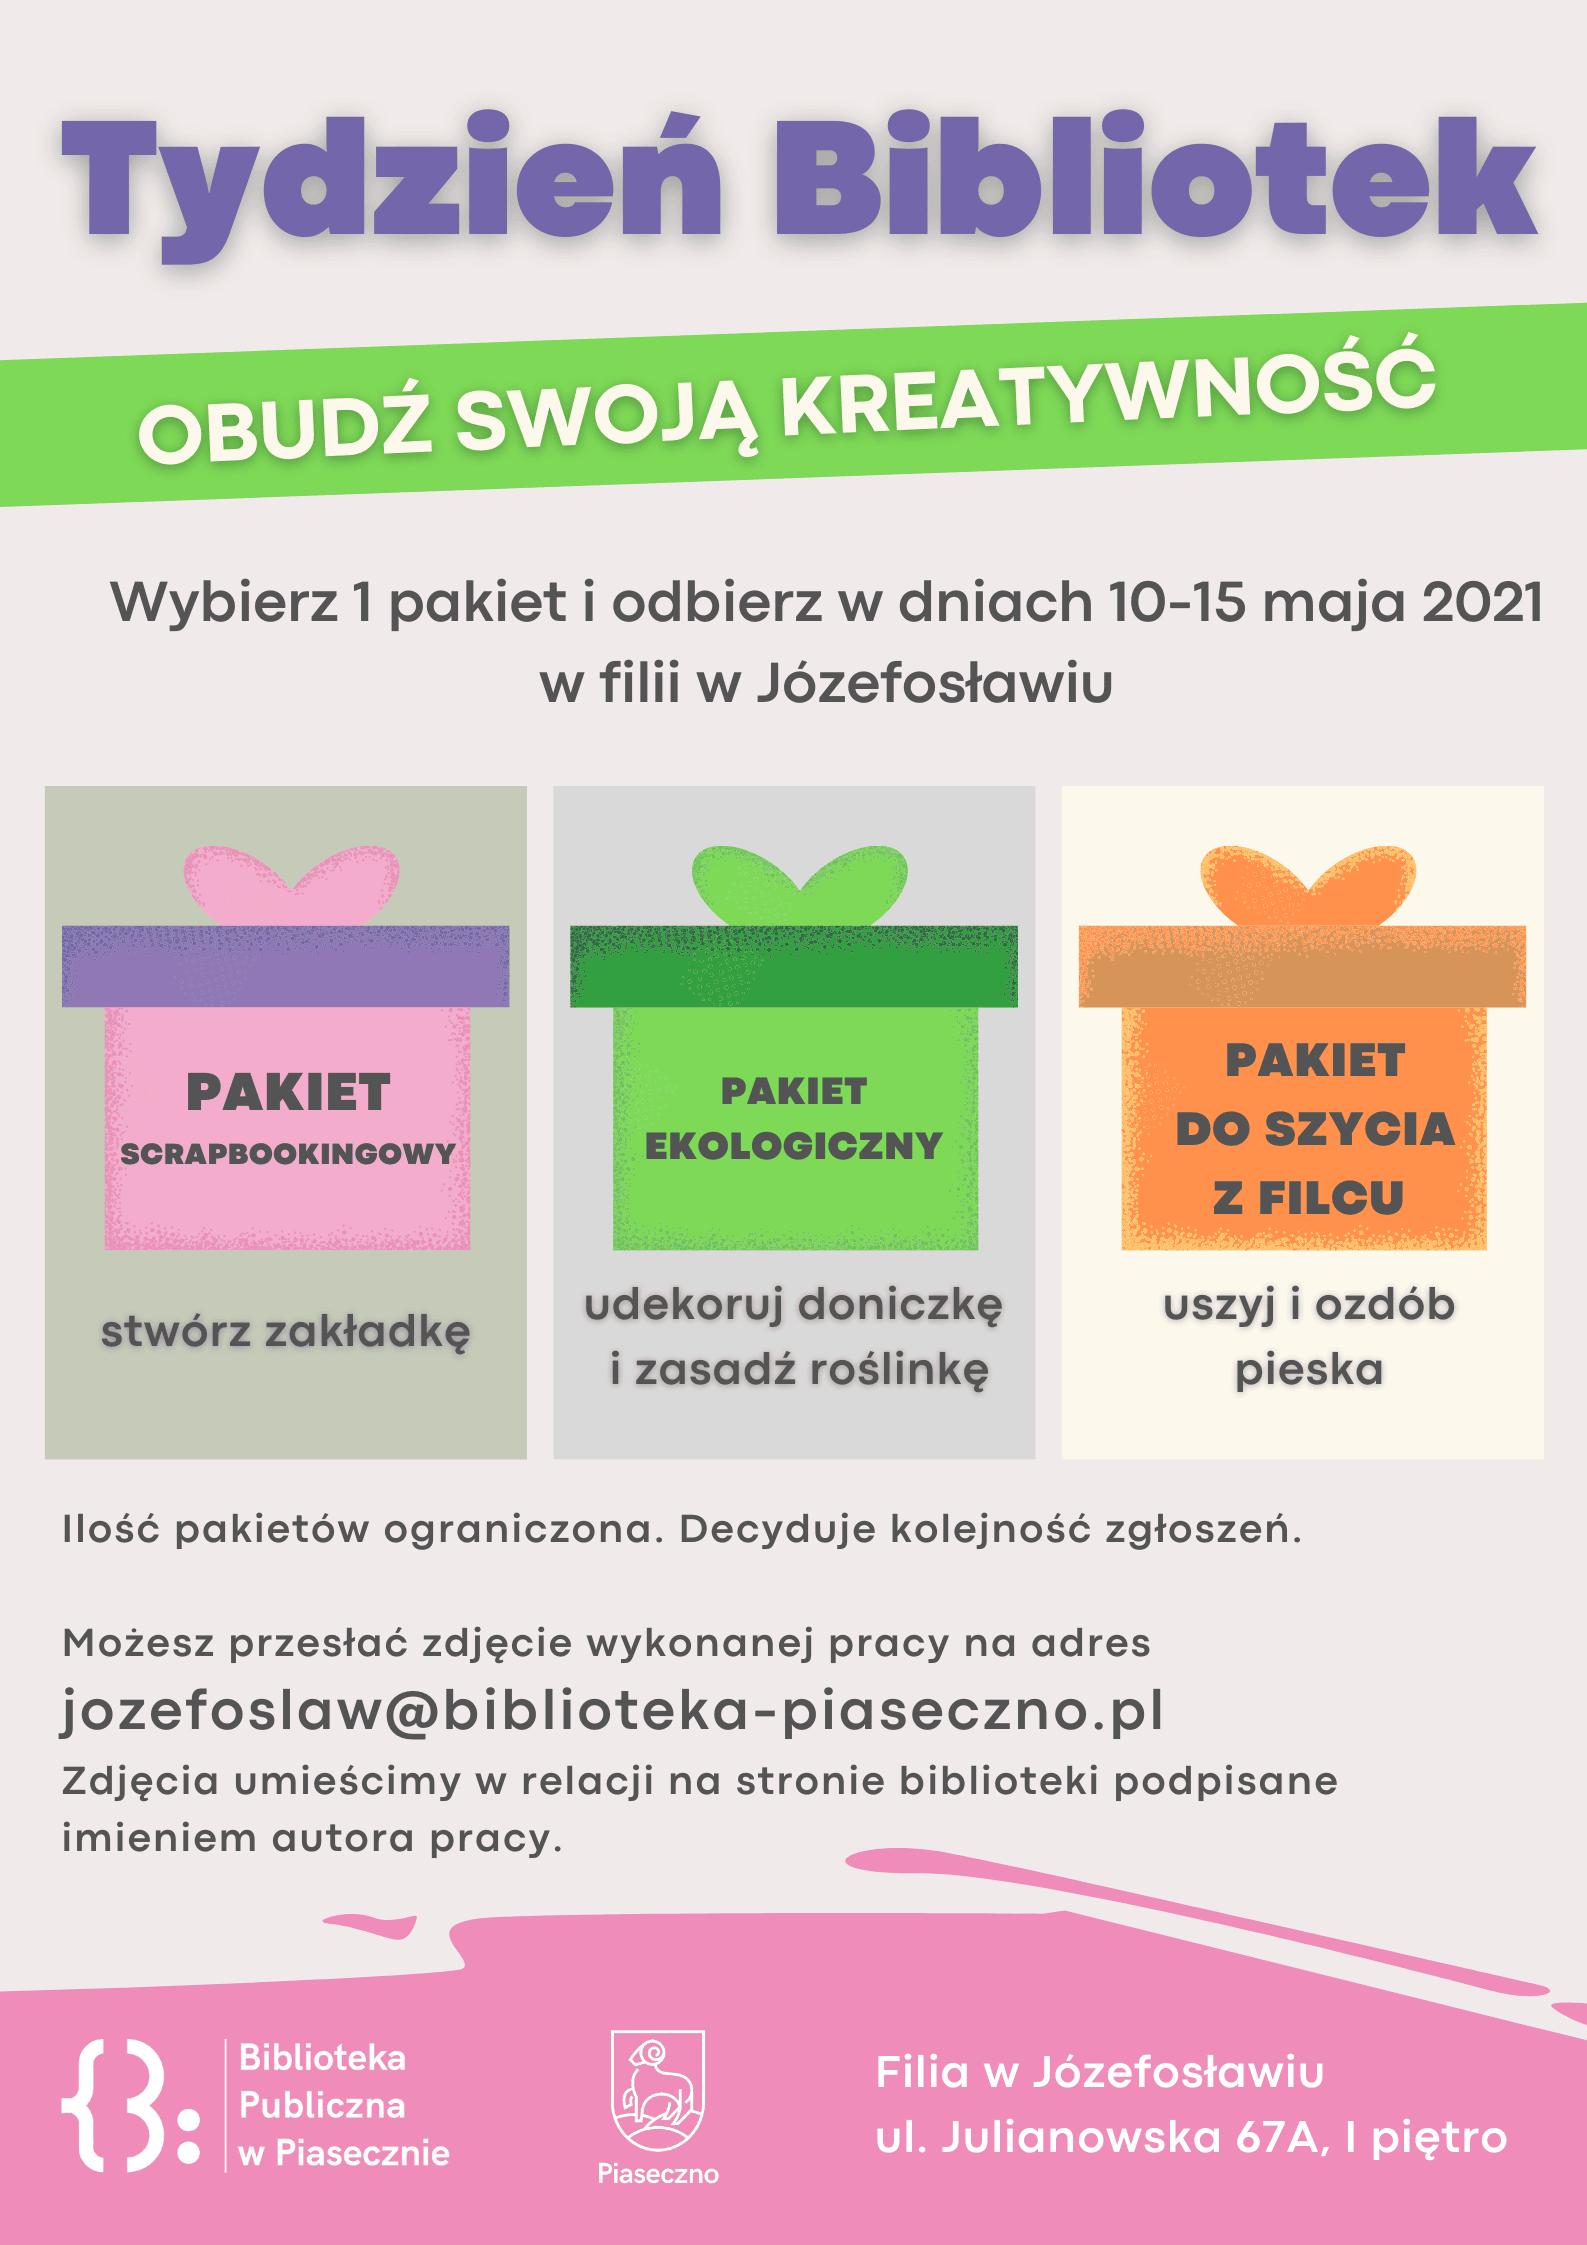 Plakat promujący Tydzień Bibliotek i akcję Obudź swoją kreatywność